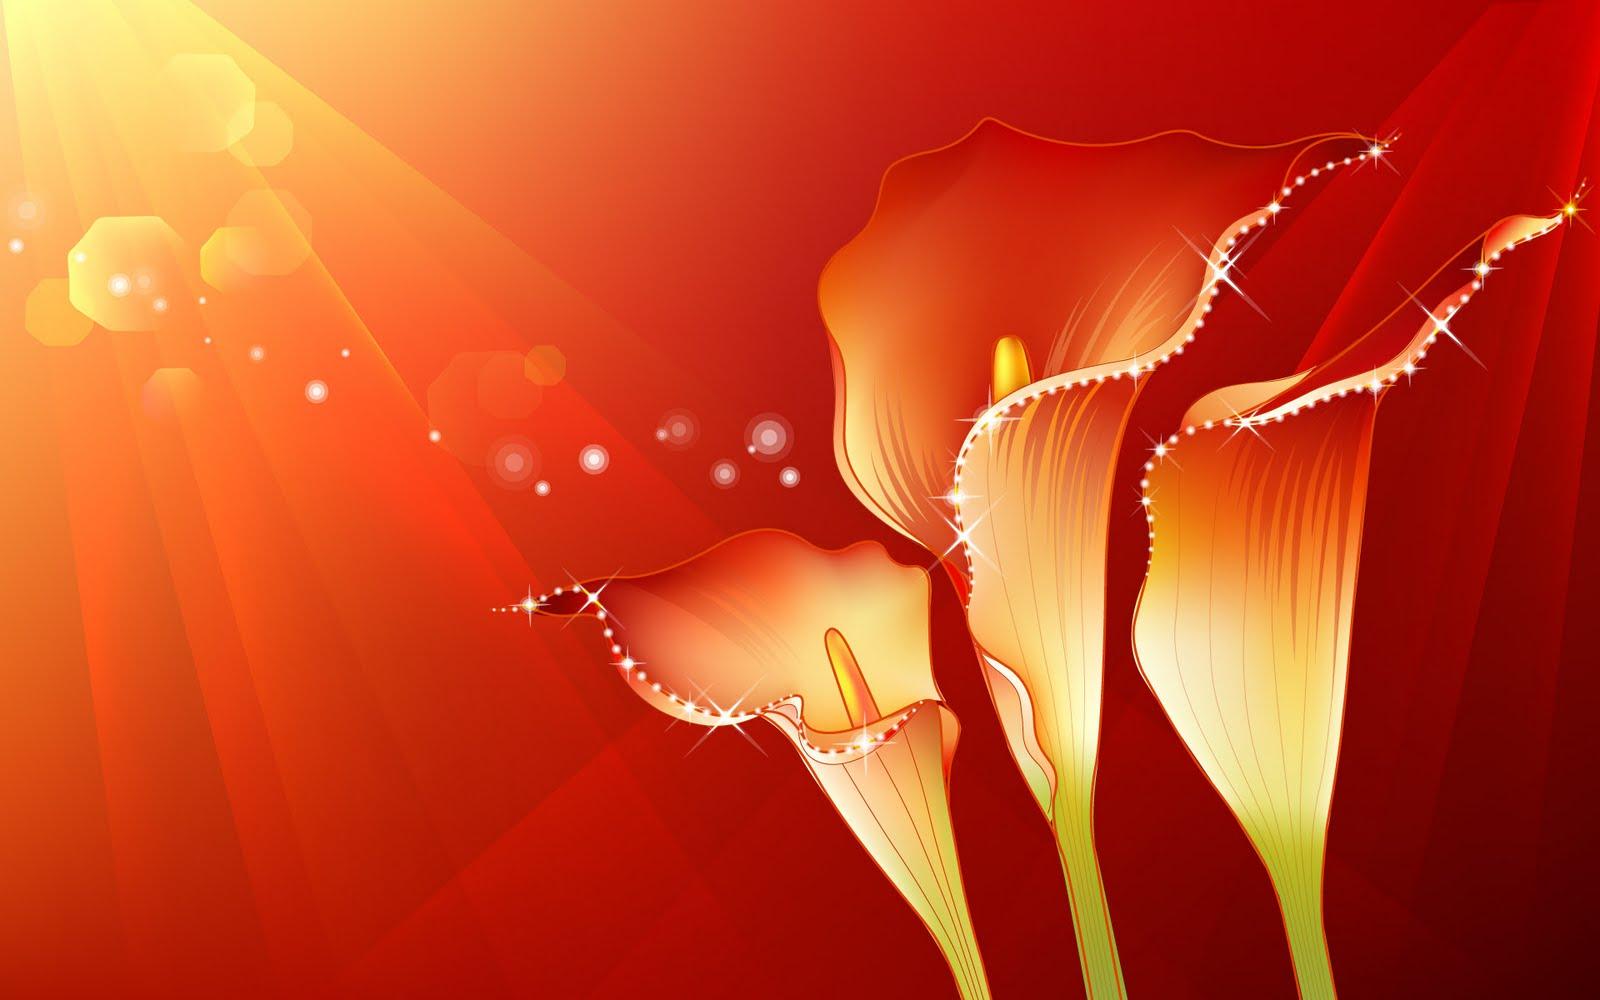 http://2.bp.blogspot.com/-8_3P0SY2D30/TePfSGImZOI/AAAAAAAAADE/TPAqNvA3lnU/s1600/red-lilies-flowers-wallpapers.jpg